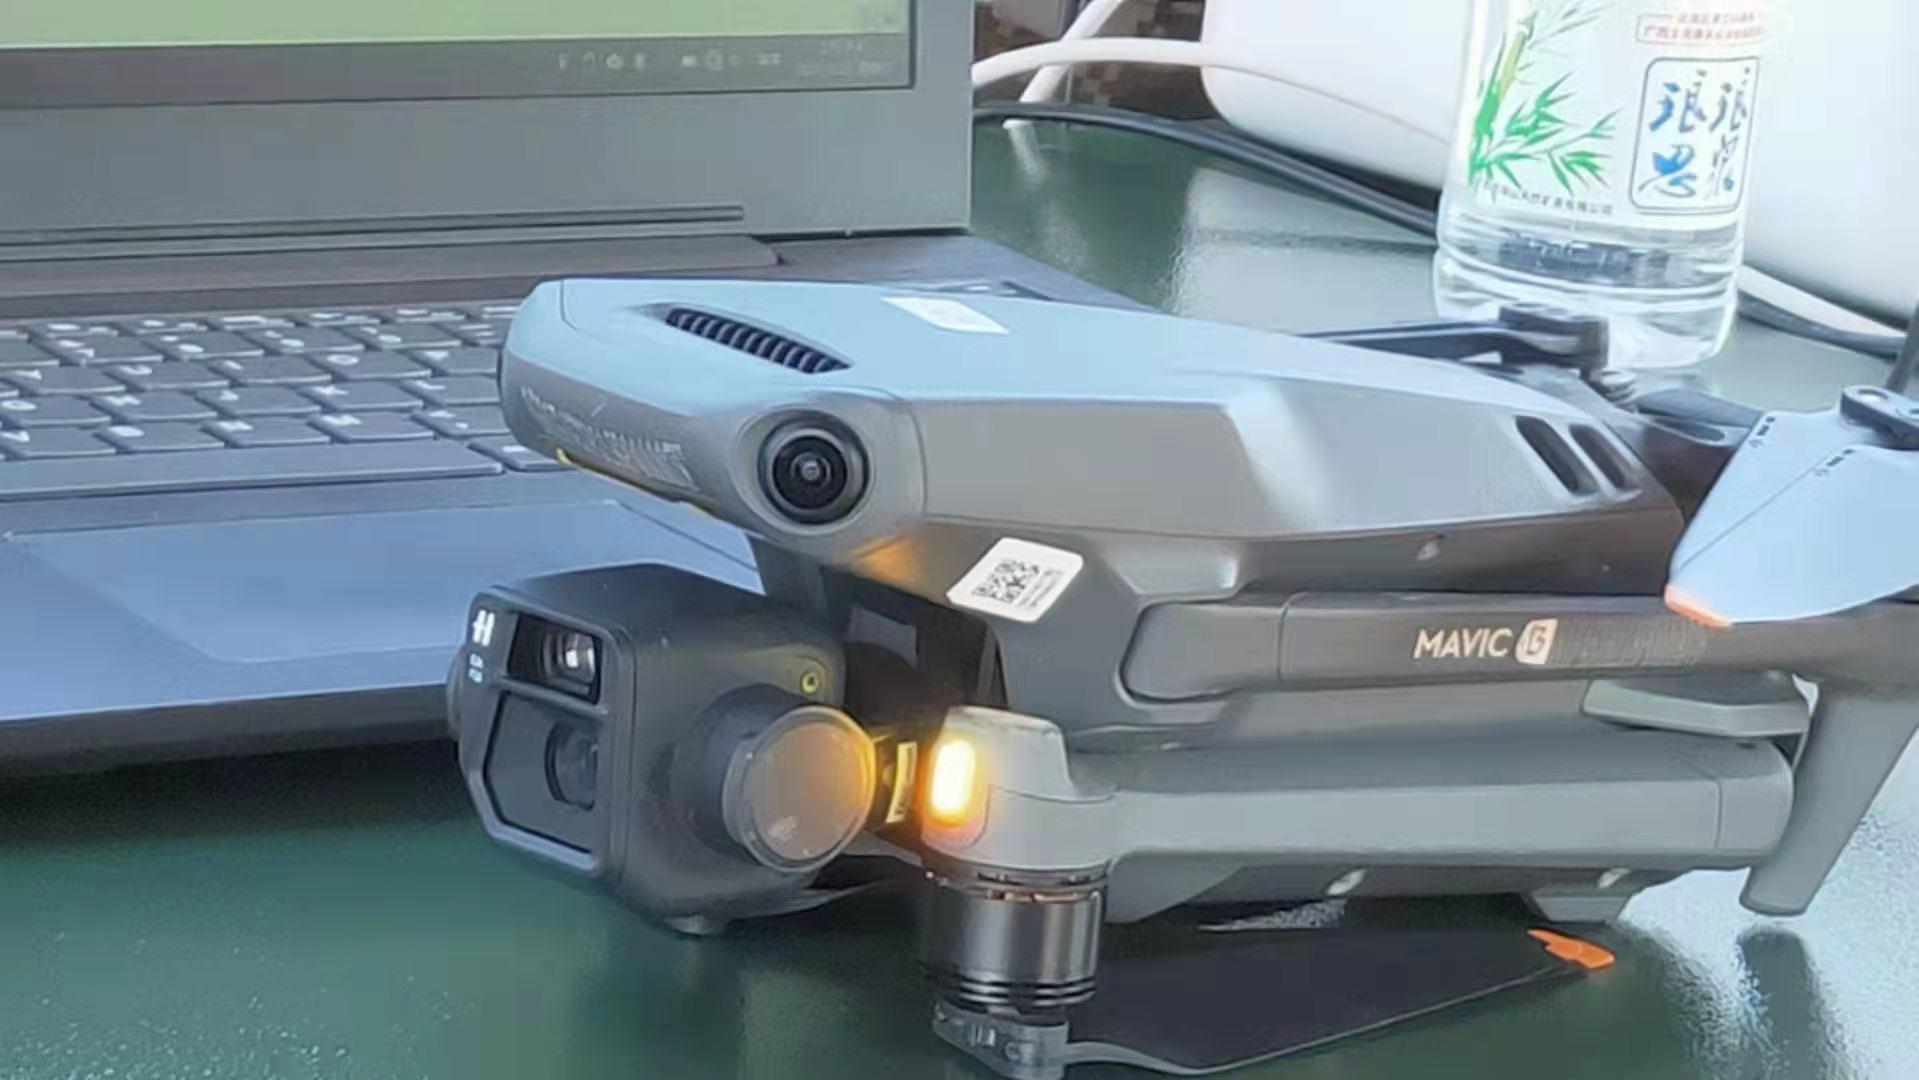 На одном из фото DJI Mavic 3, утекшим с сеть можно увидеть логотип «H», указывающий  на то, что это разработка компании Victor Hasselblad AB